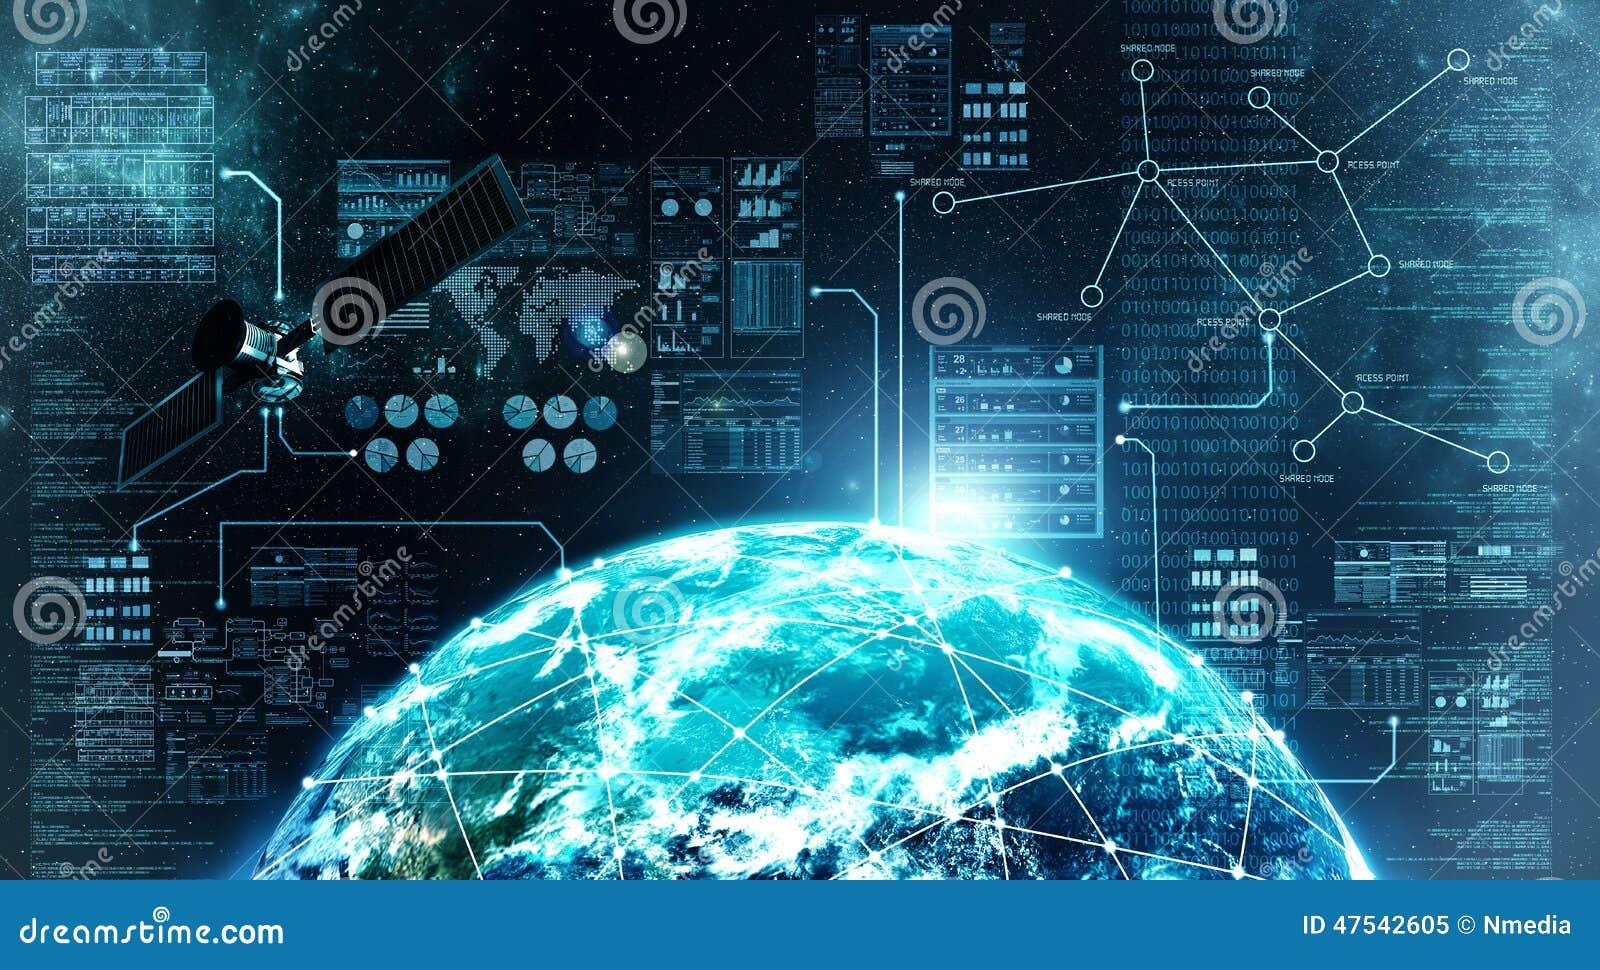 Интернет-связь в космическом пространстве